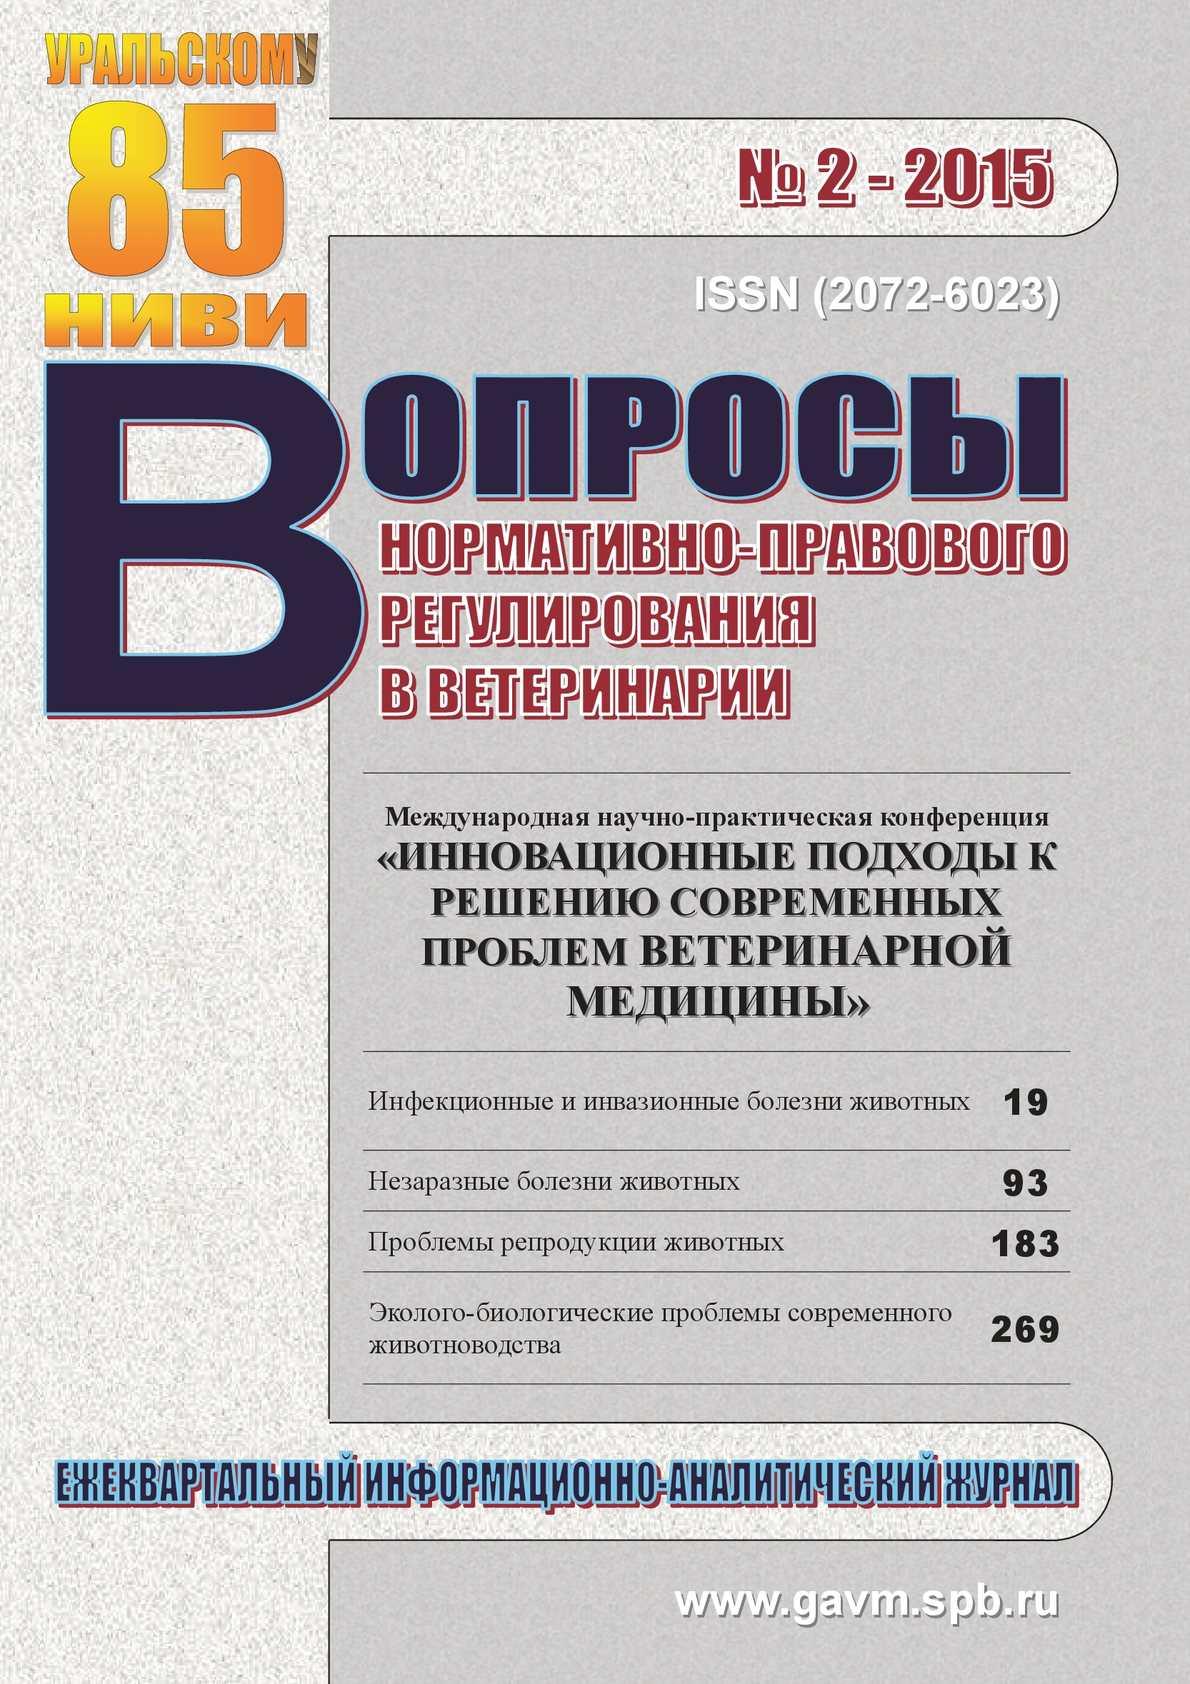 Кокцидиоз у бройлеров — симптомы и лечение, профилактика